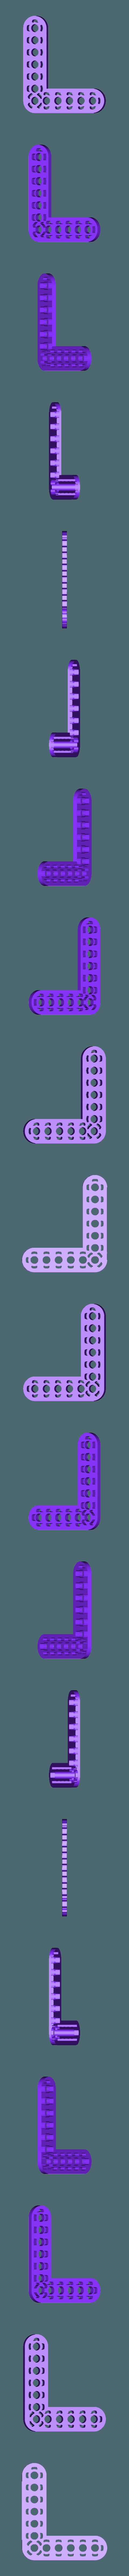 L_6_7.STL Télécharger fichier STL gratuit MEGA Expansion 200+ Pièces • Plan à imprimer en 3D, Pwentey